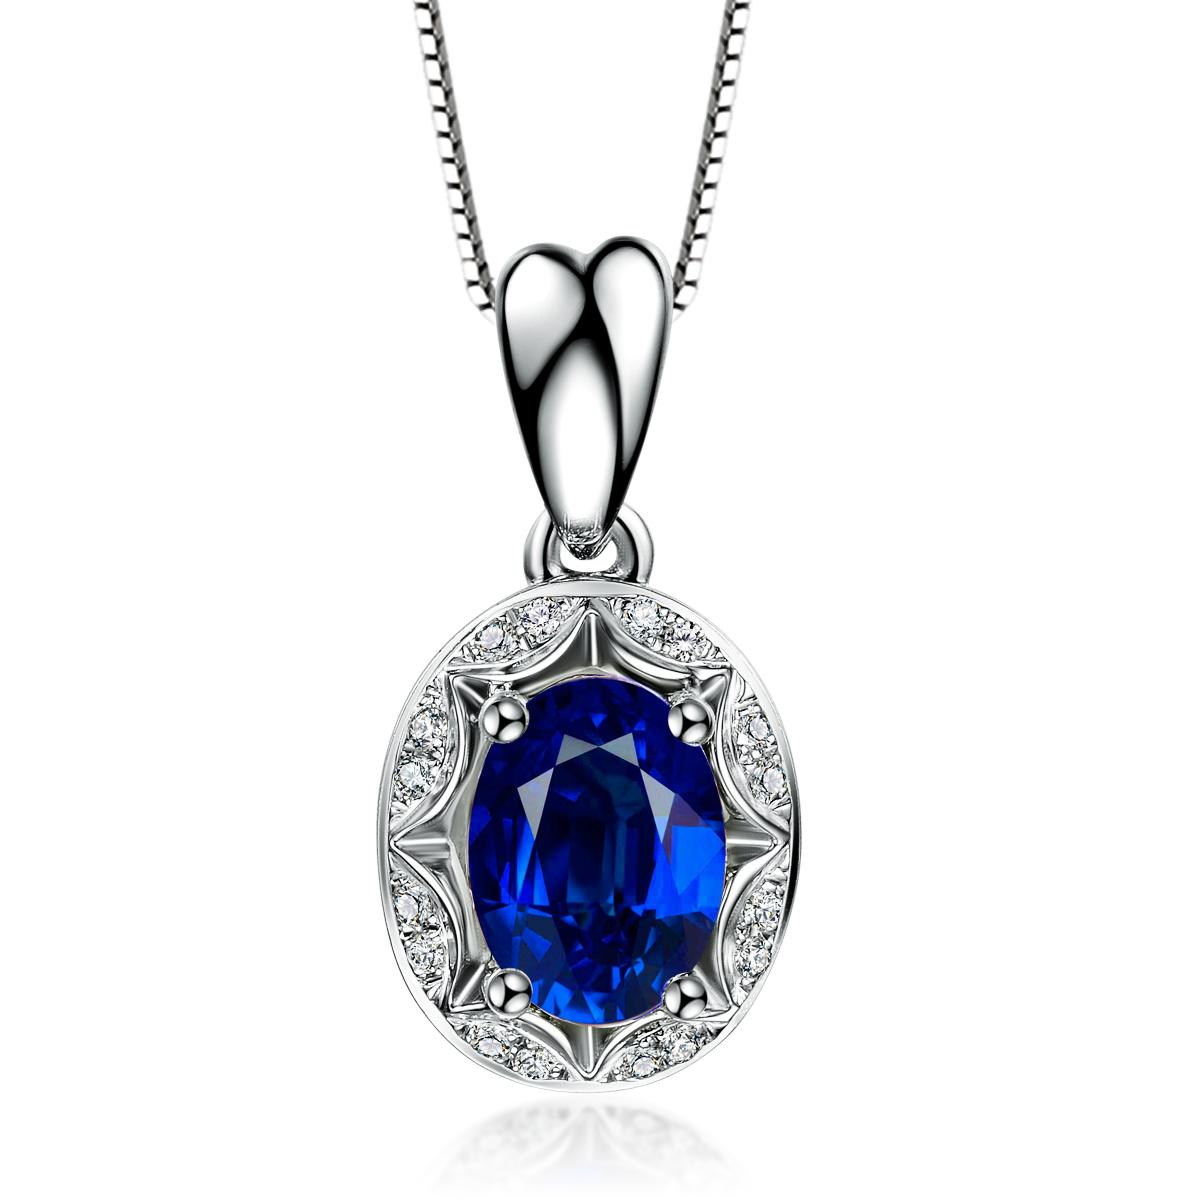 仿蓝宝石都有哪些品种